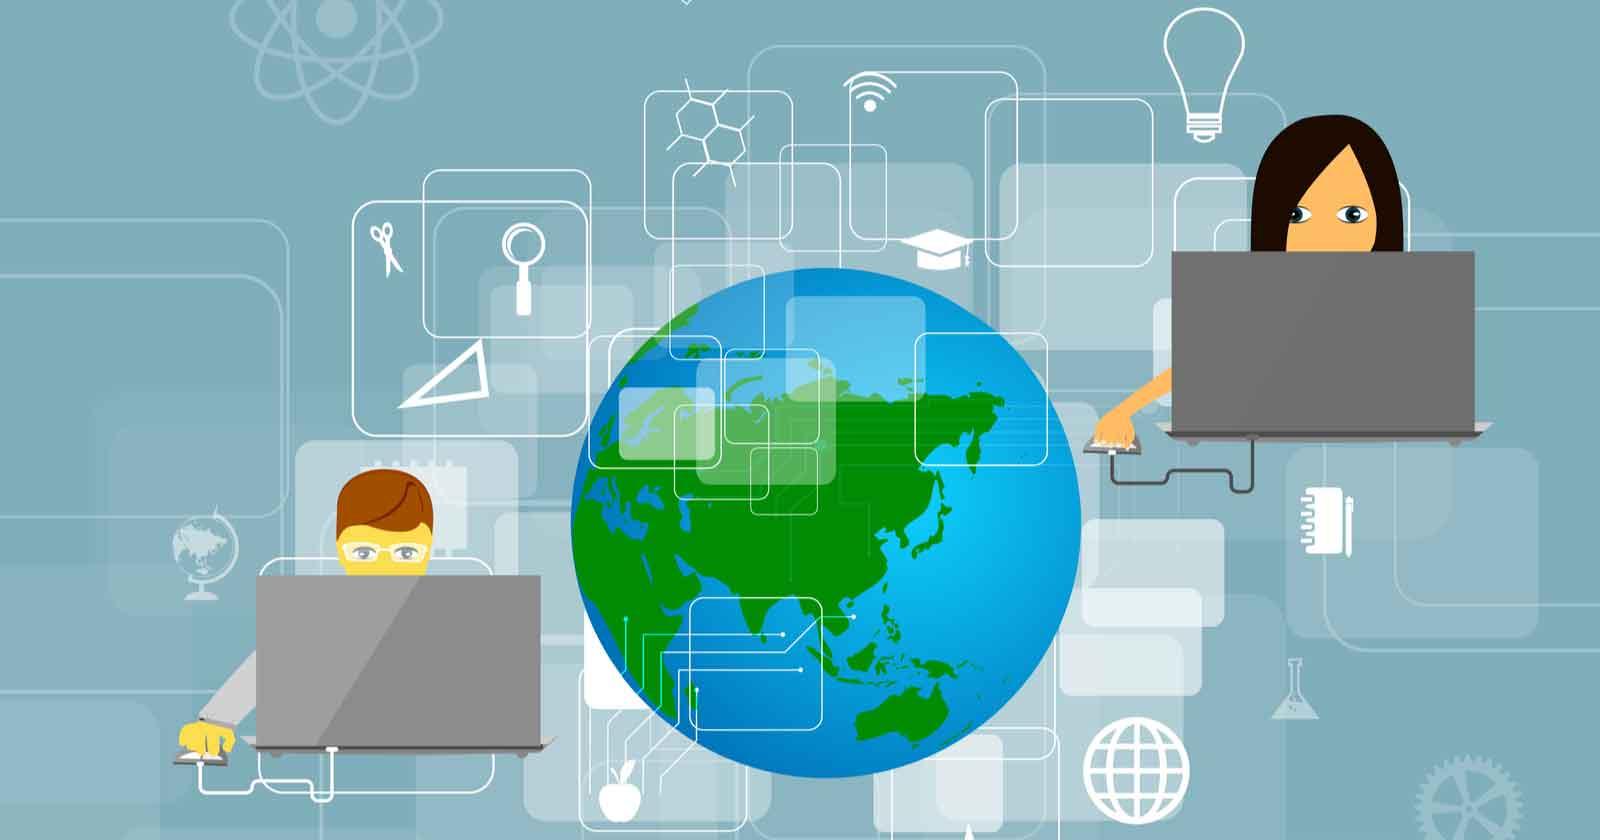 معرفی جامع و کامل بازاریابی بین المللی